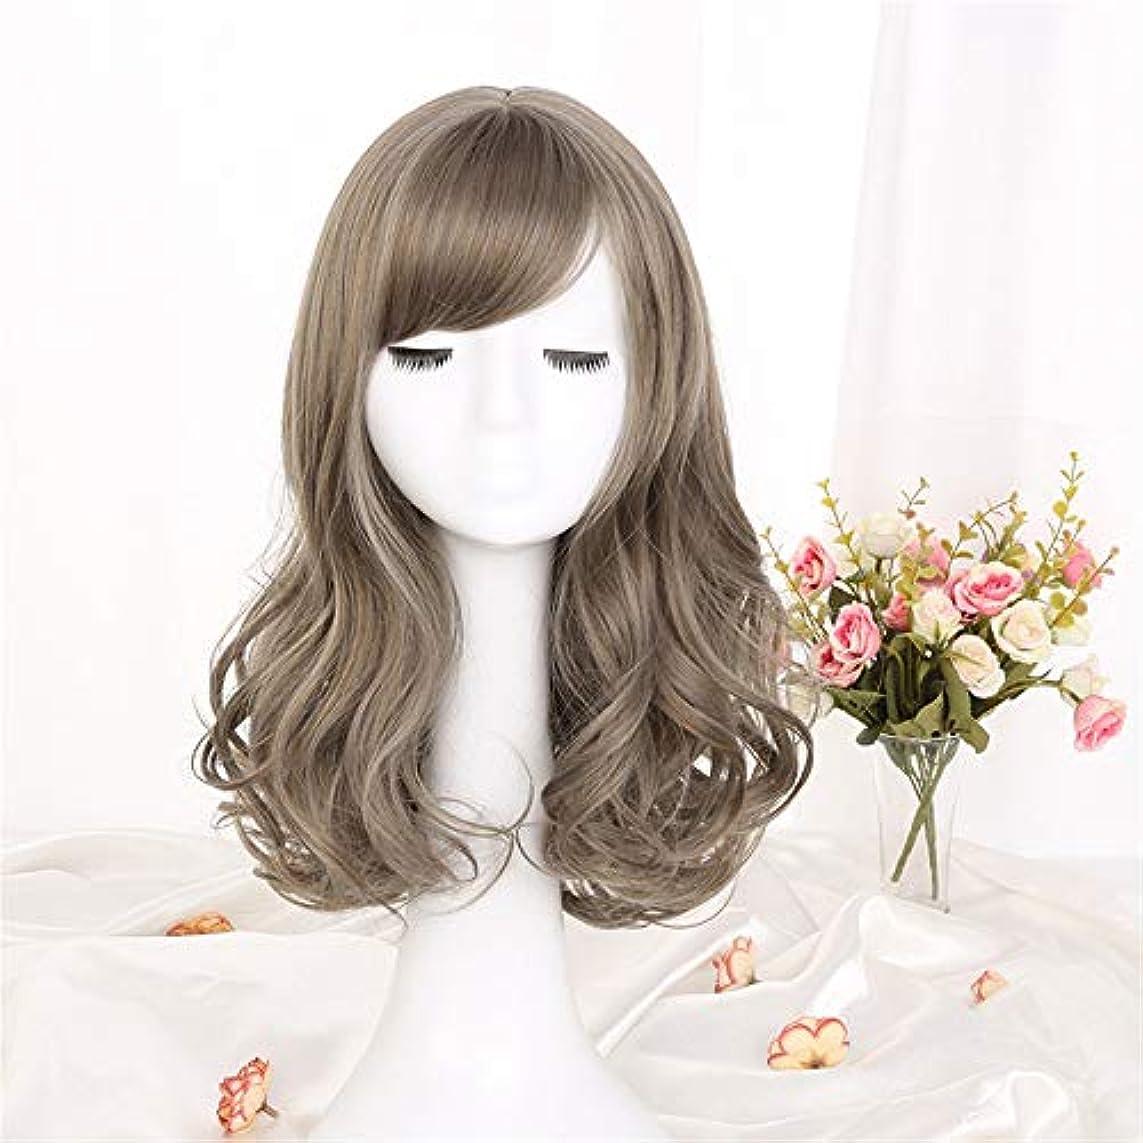 矛盾する規範あたたかいウィッグ髪化学繊維フードミディアム長波高温合成繊維ウィッグ女性用ウィッググリーンウッドリネンアッシュ42cm